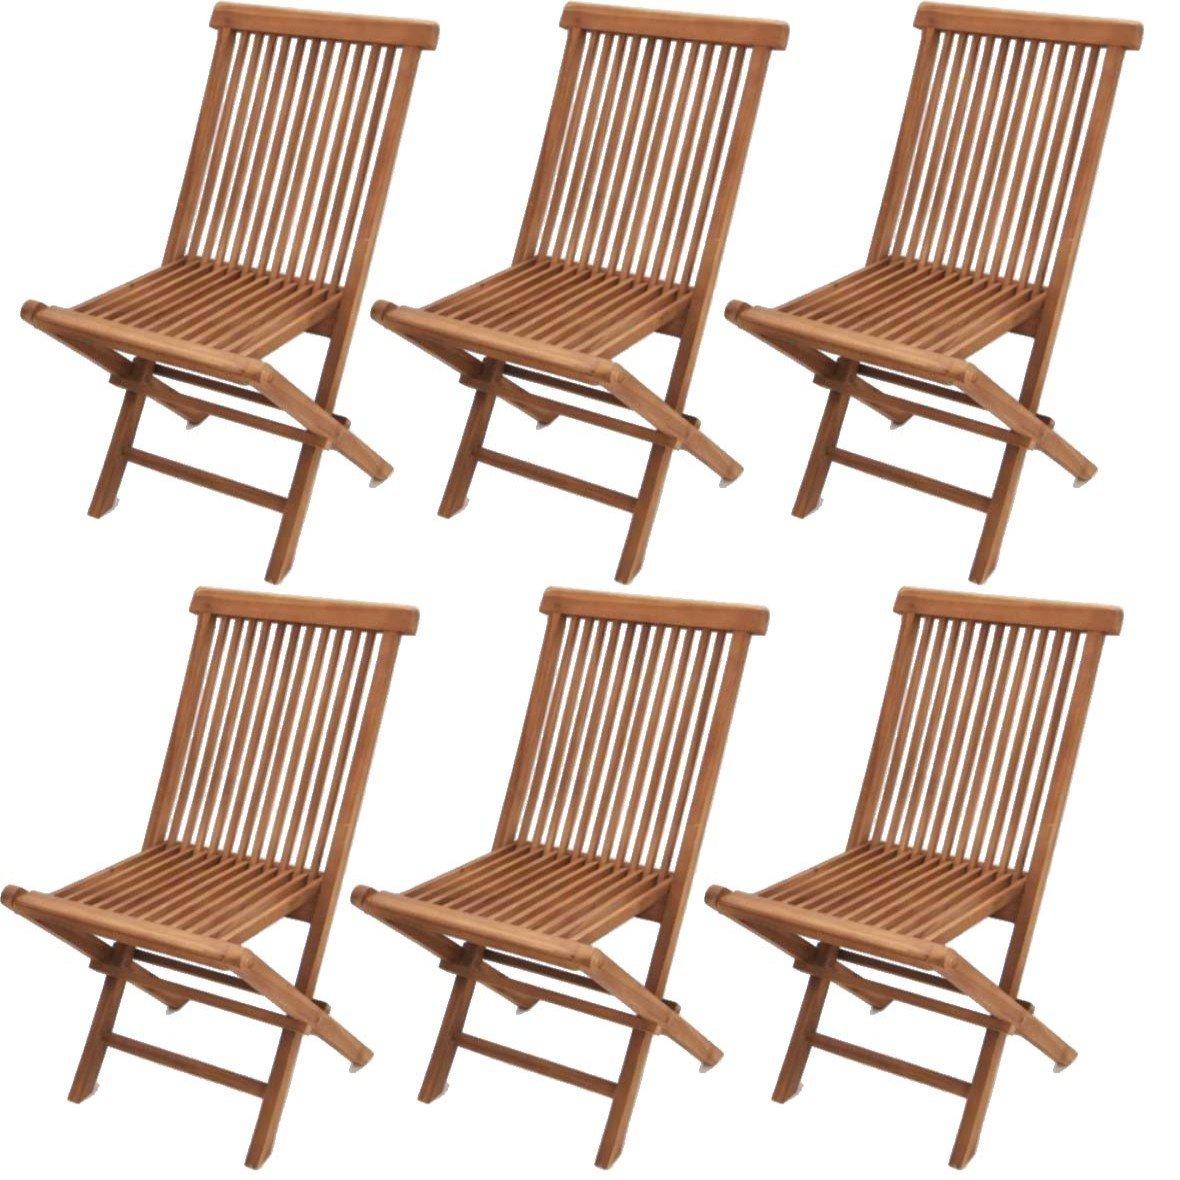 lote de sillas para jardn o terraza modelo modena en madera de teca genuina plegables